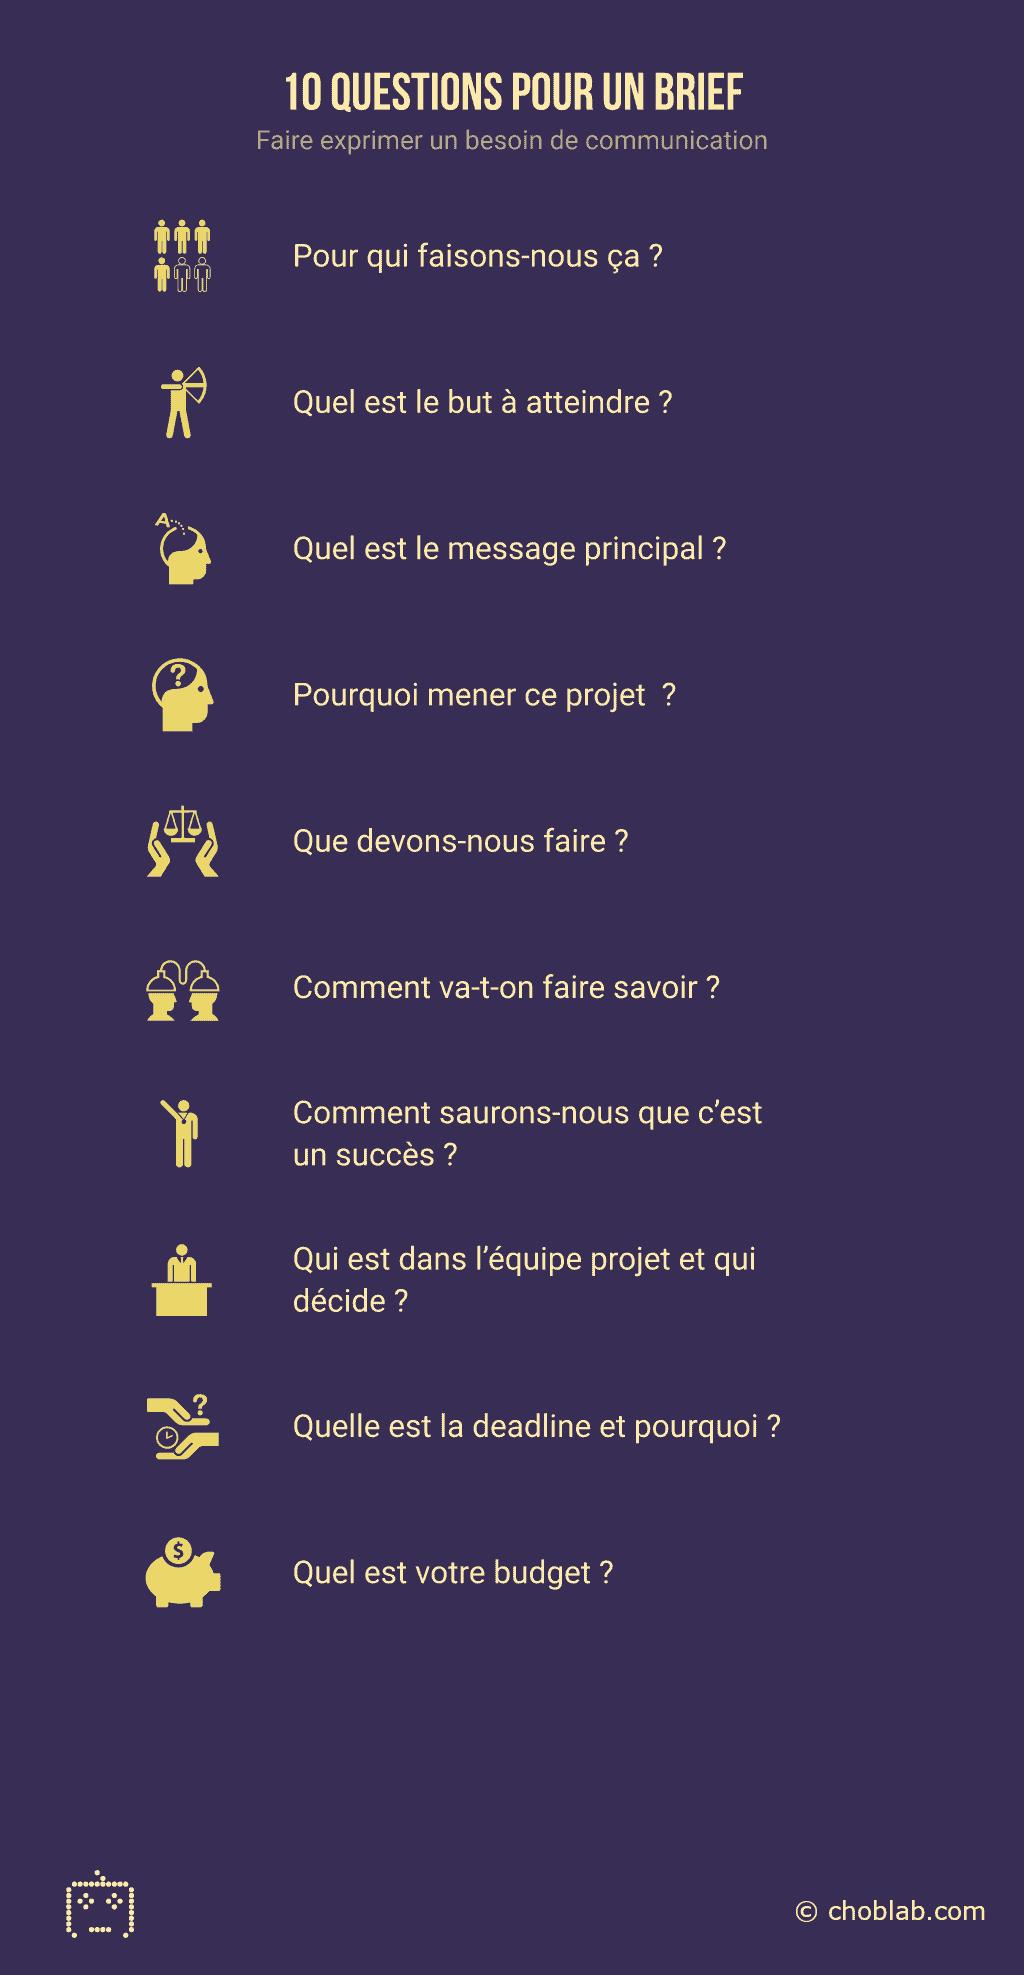 10 questions pour un brief de communication - infographie Choblab